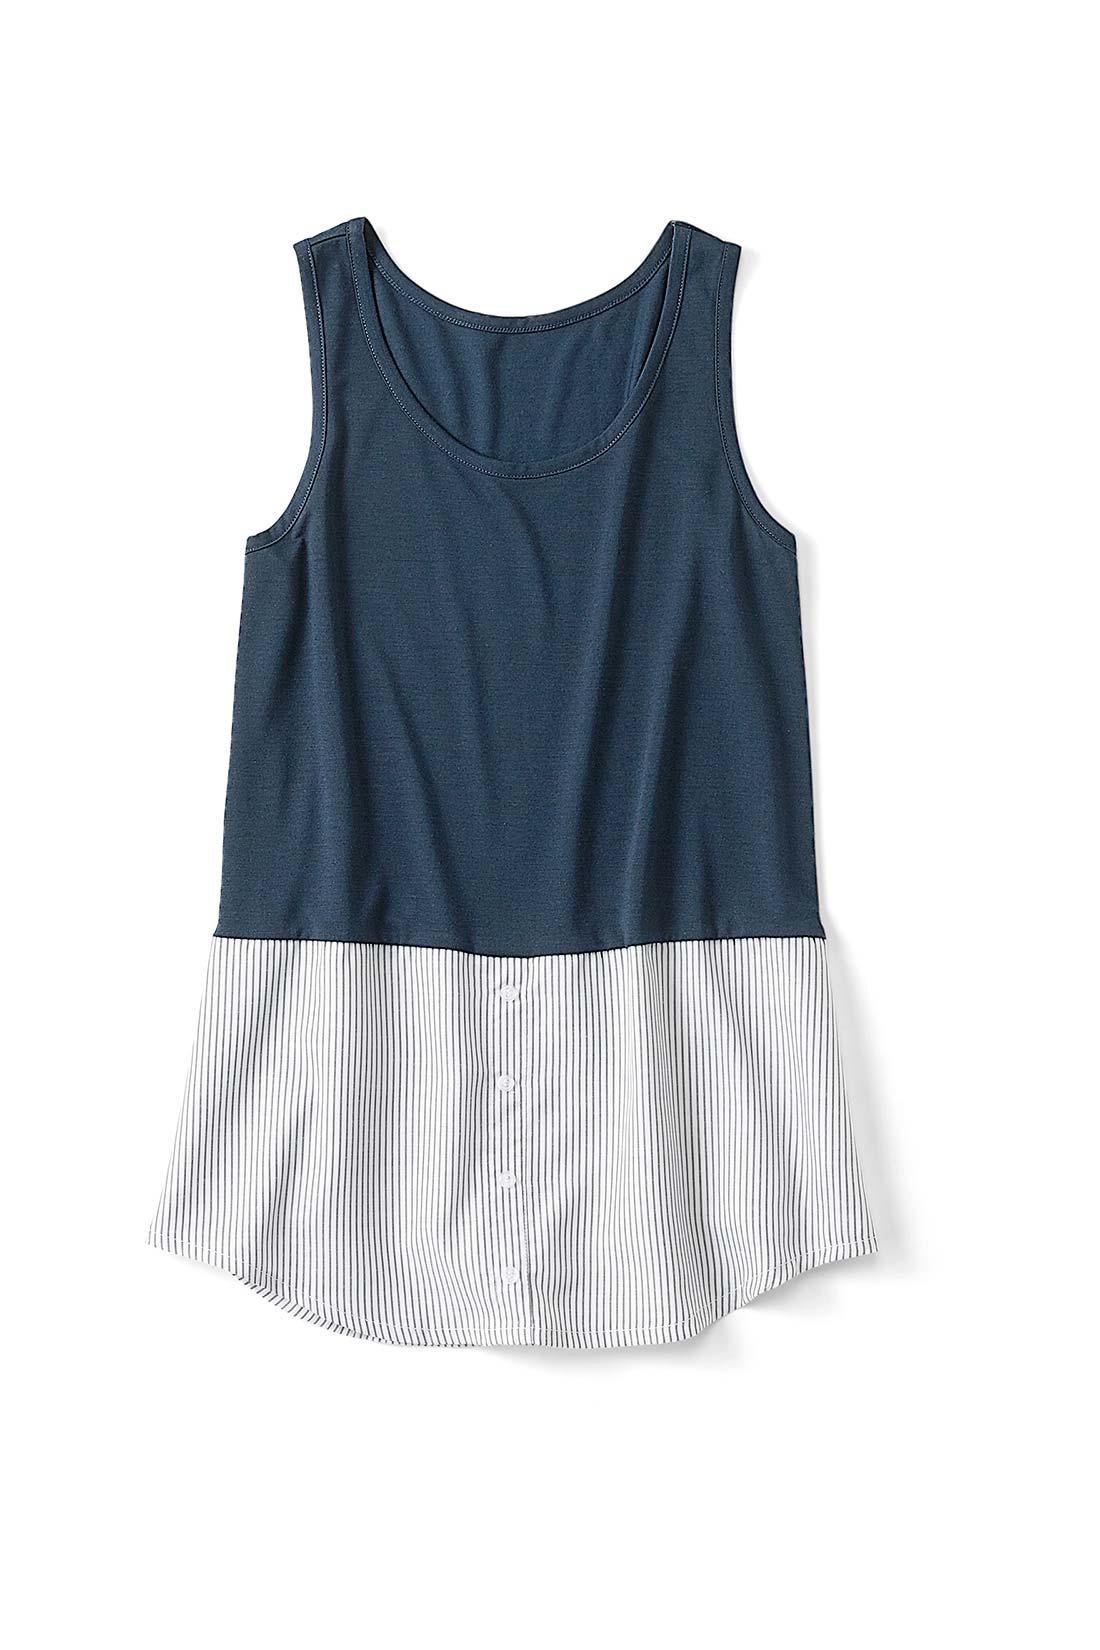 〈ストライプ〉 集めたくなるバリエーション シャツ部分はストライプにチェックなど、充実したラインナップ。前立てやボタンはフェイクの飾り仕様で、すそまで縫い付けられています。